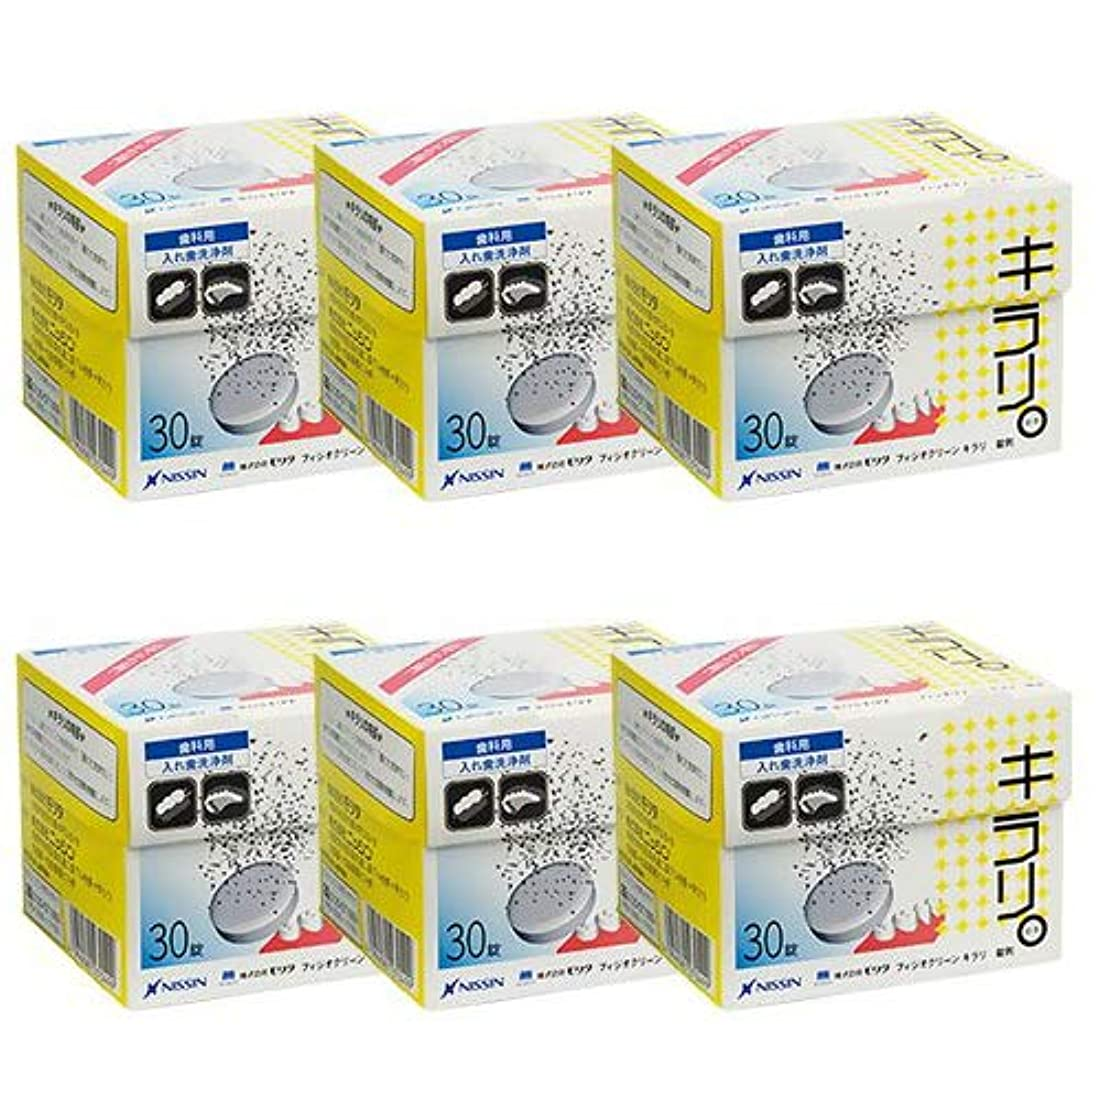 剪断気楽なする必要がある【ニッシン】【歯科用】フィジオクリーンキラリ錠剤 6箱【義歯洗浄剤】1箱につき30包入(3g×30g)